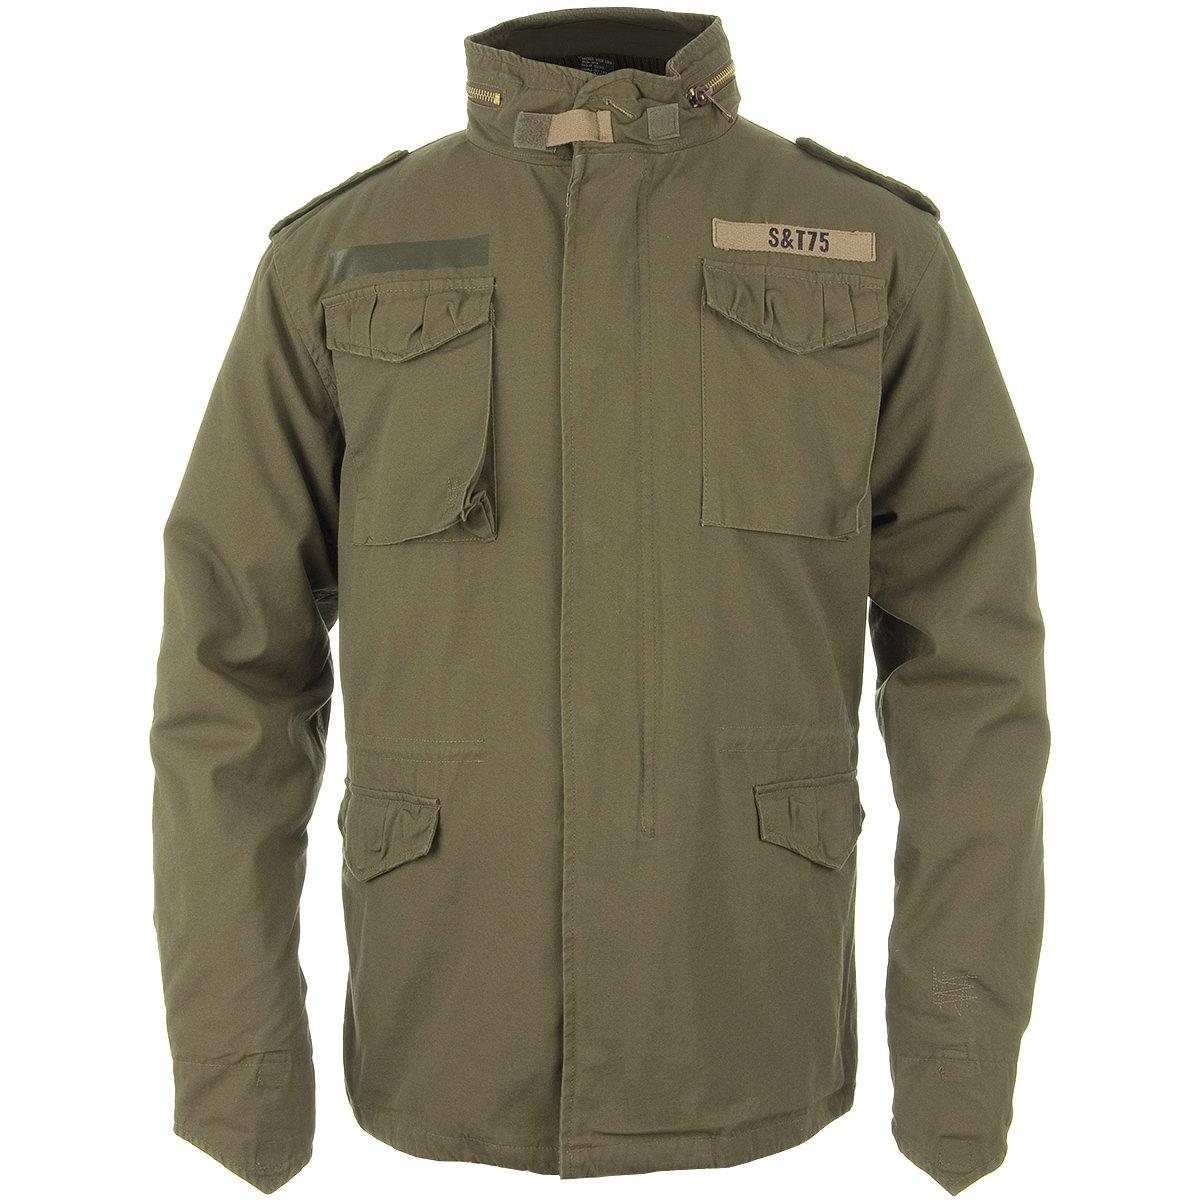 Surplus M65 Regiment Jacket Olive size 4XL